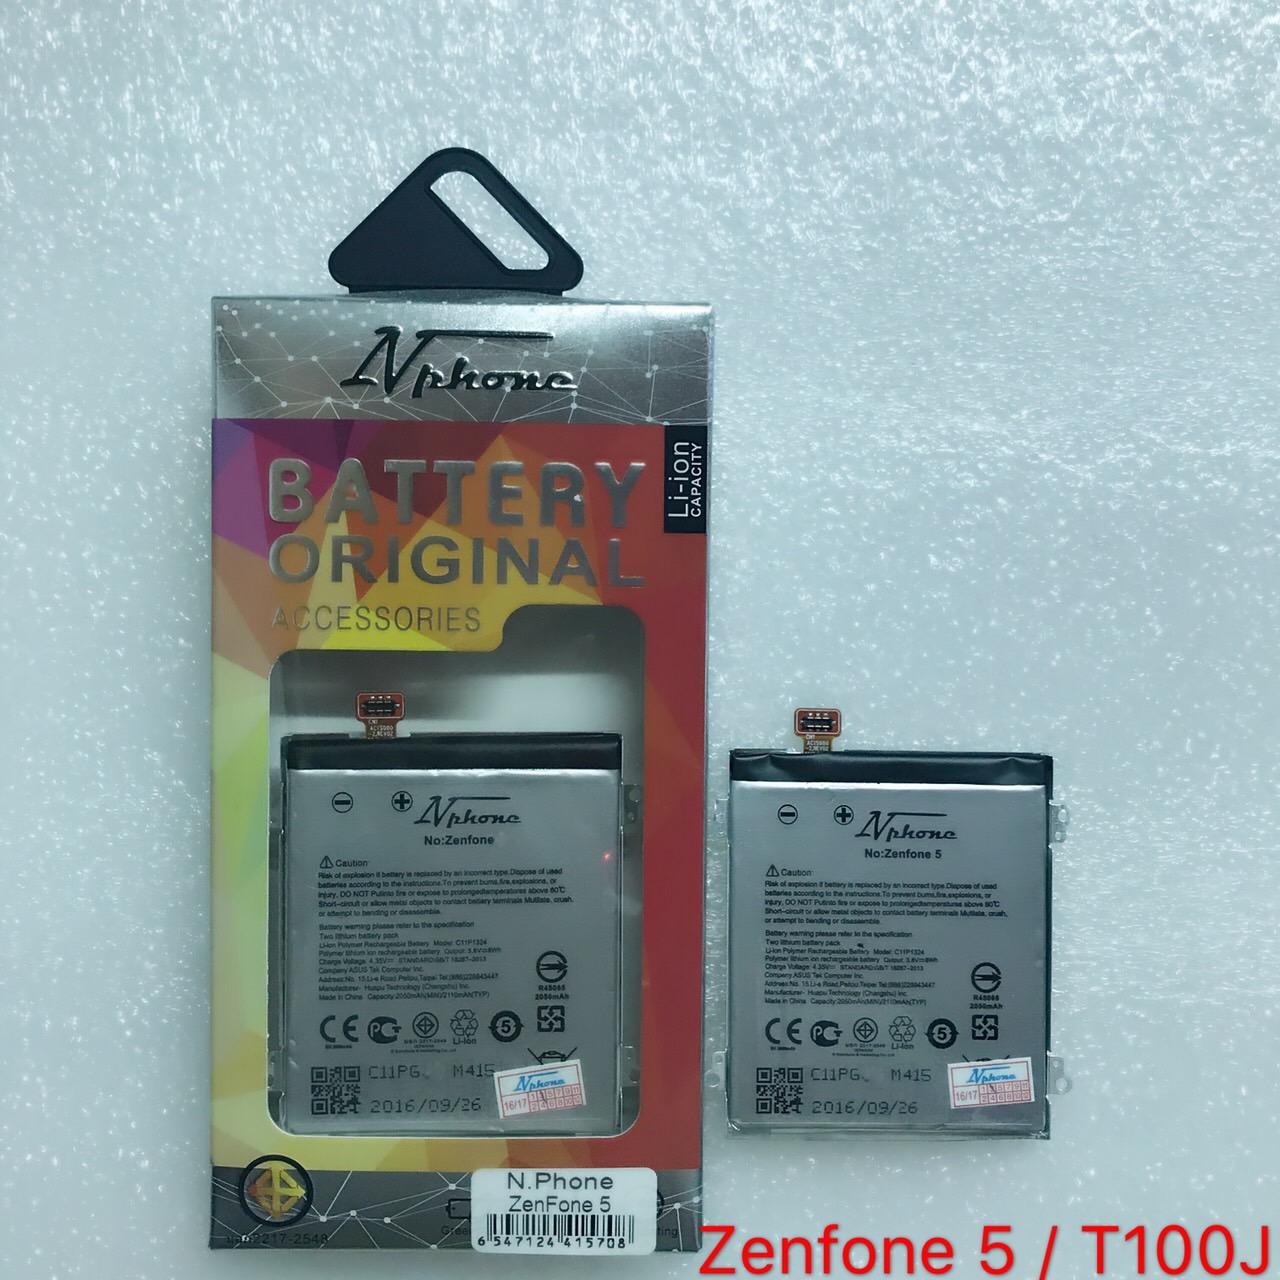 แบตเตอร์รี่ งานบริษัท ( มี มอก ไส้เต็ม ) Asus Zenfone 5 / TooJ